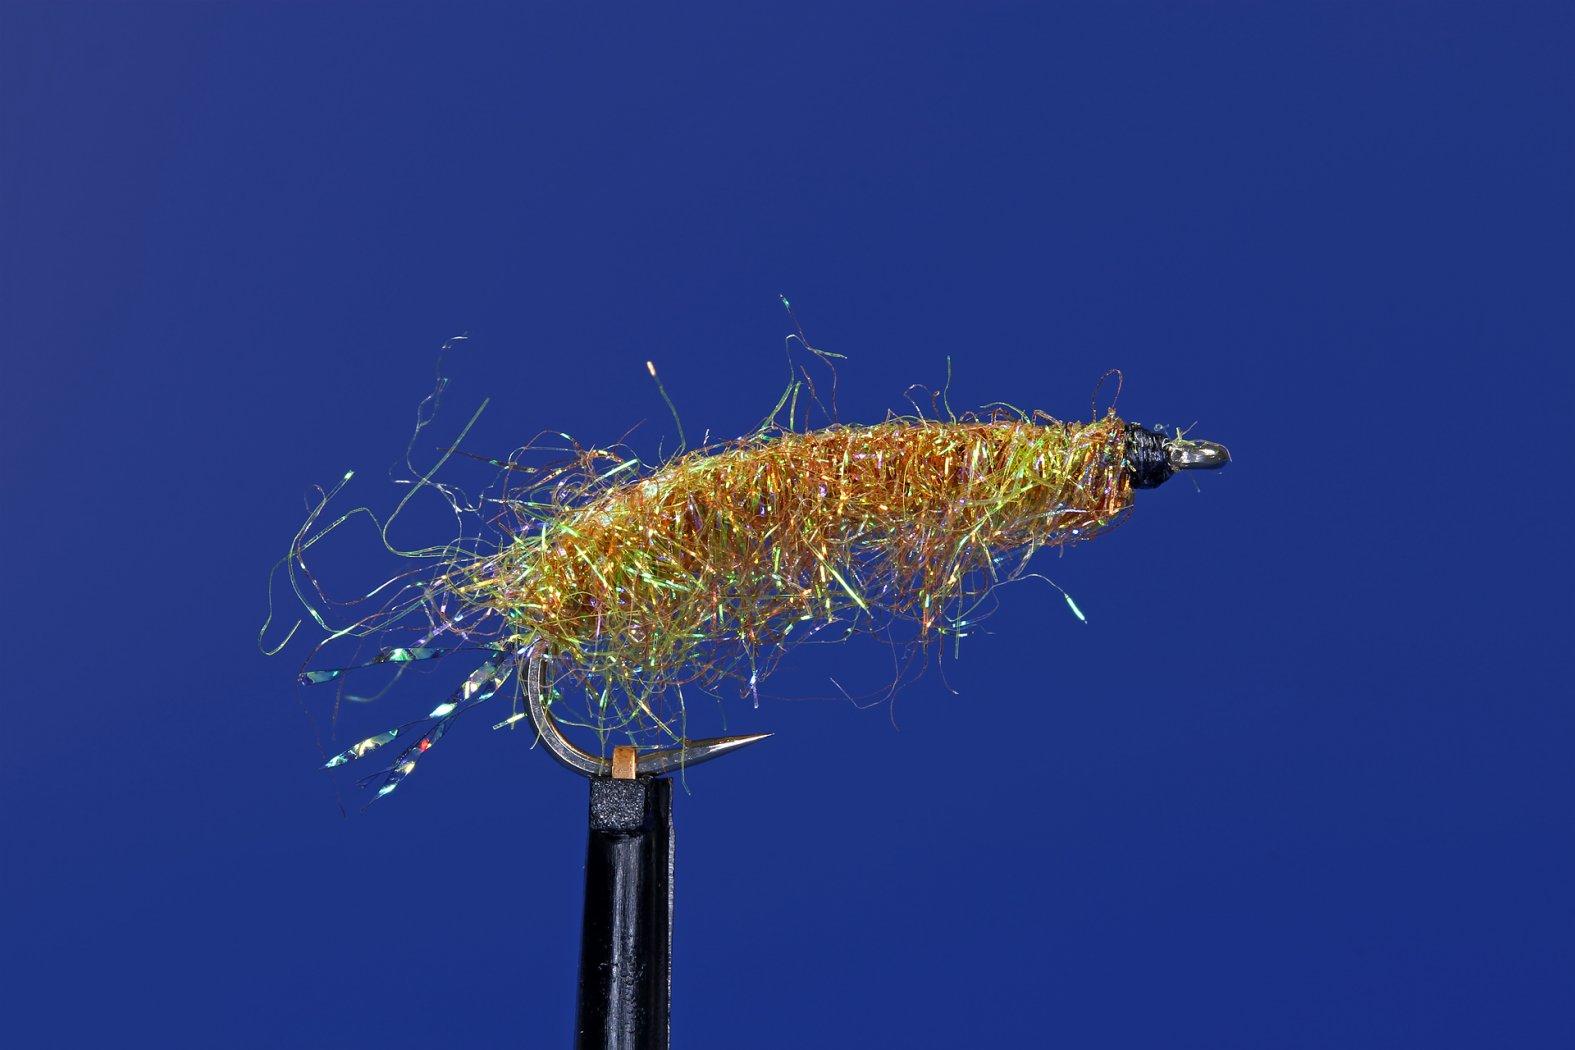 gammarus flohkrebs zum fliegenfischen auf hornhecht